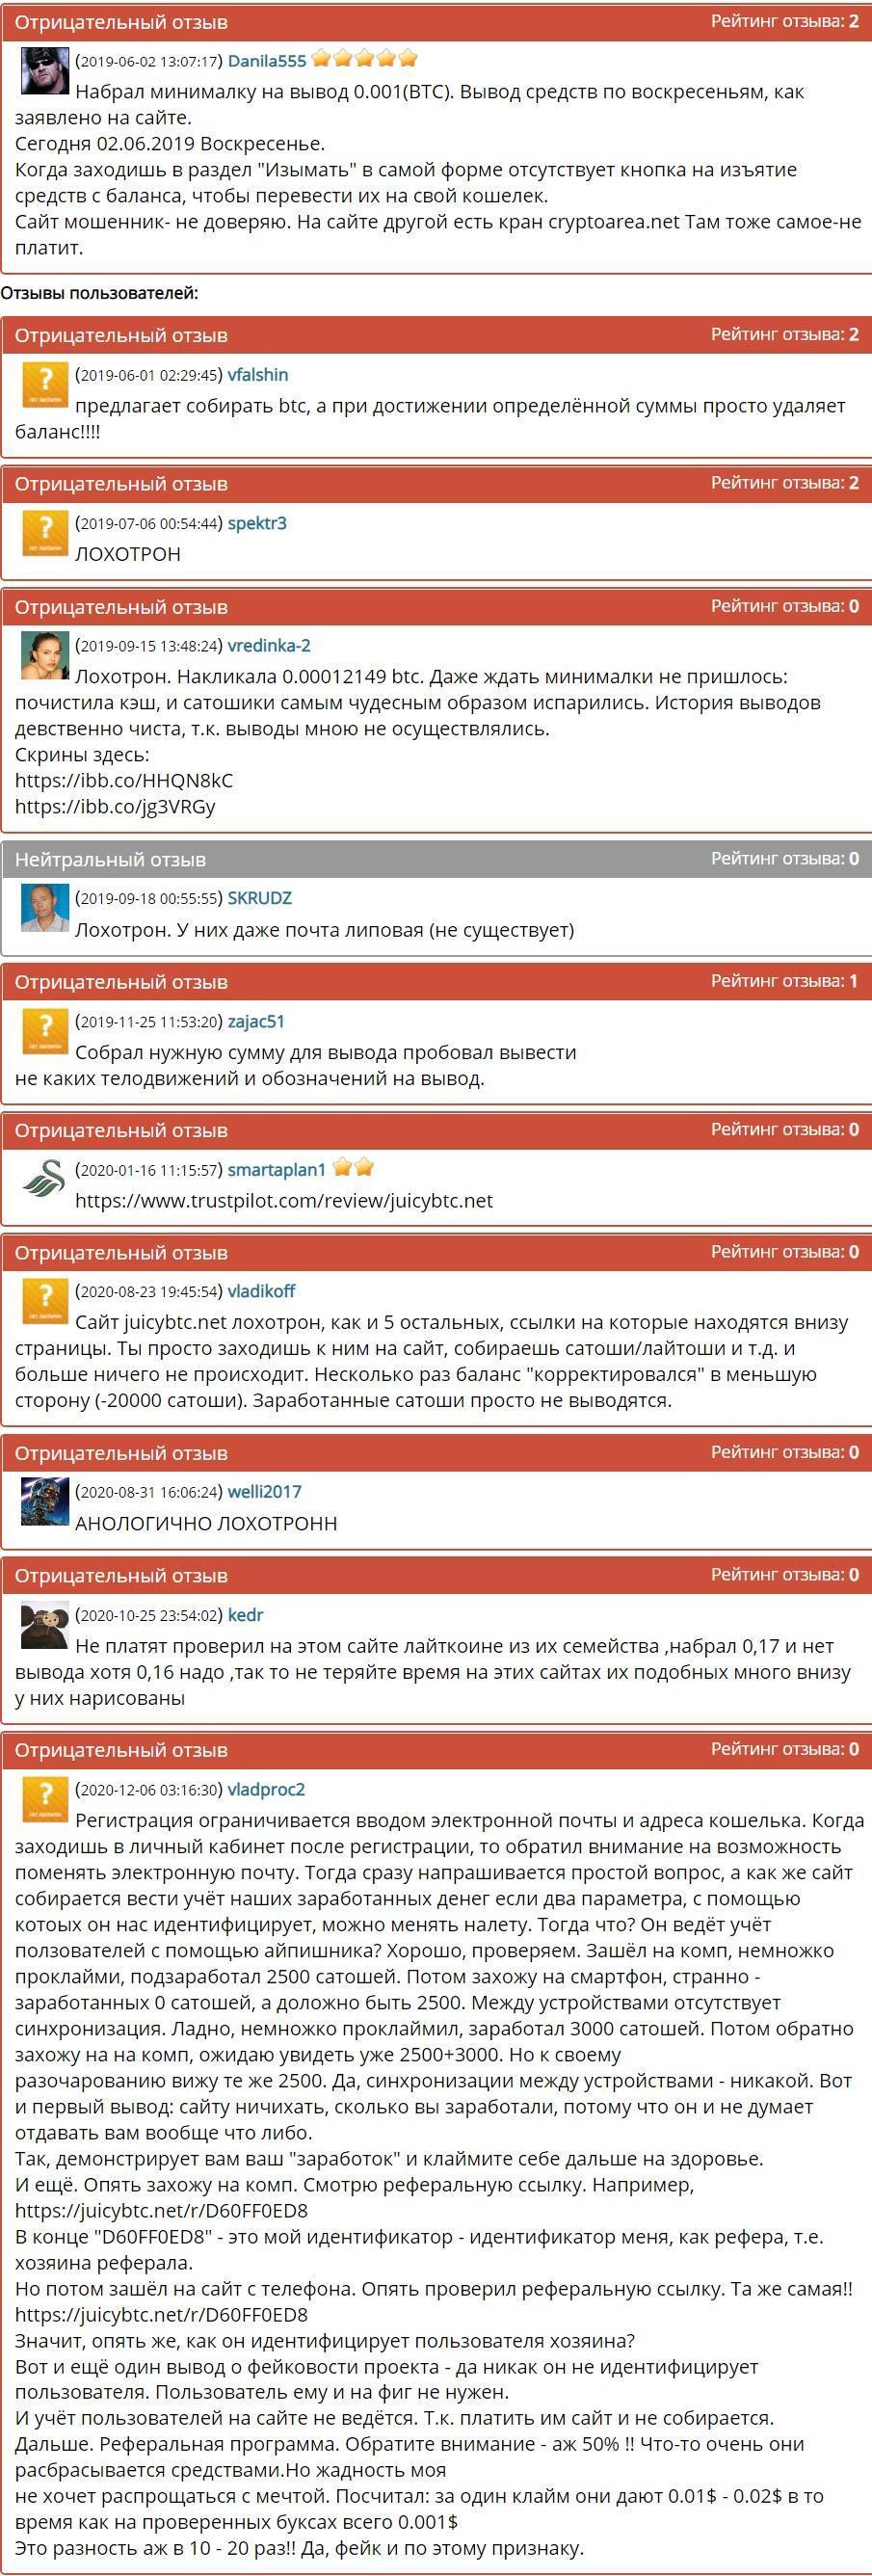 JuicyBTC (juicybtc.net) - реальные отзывы